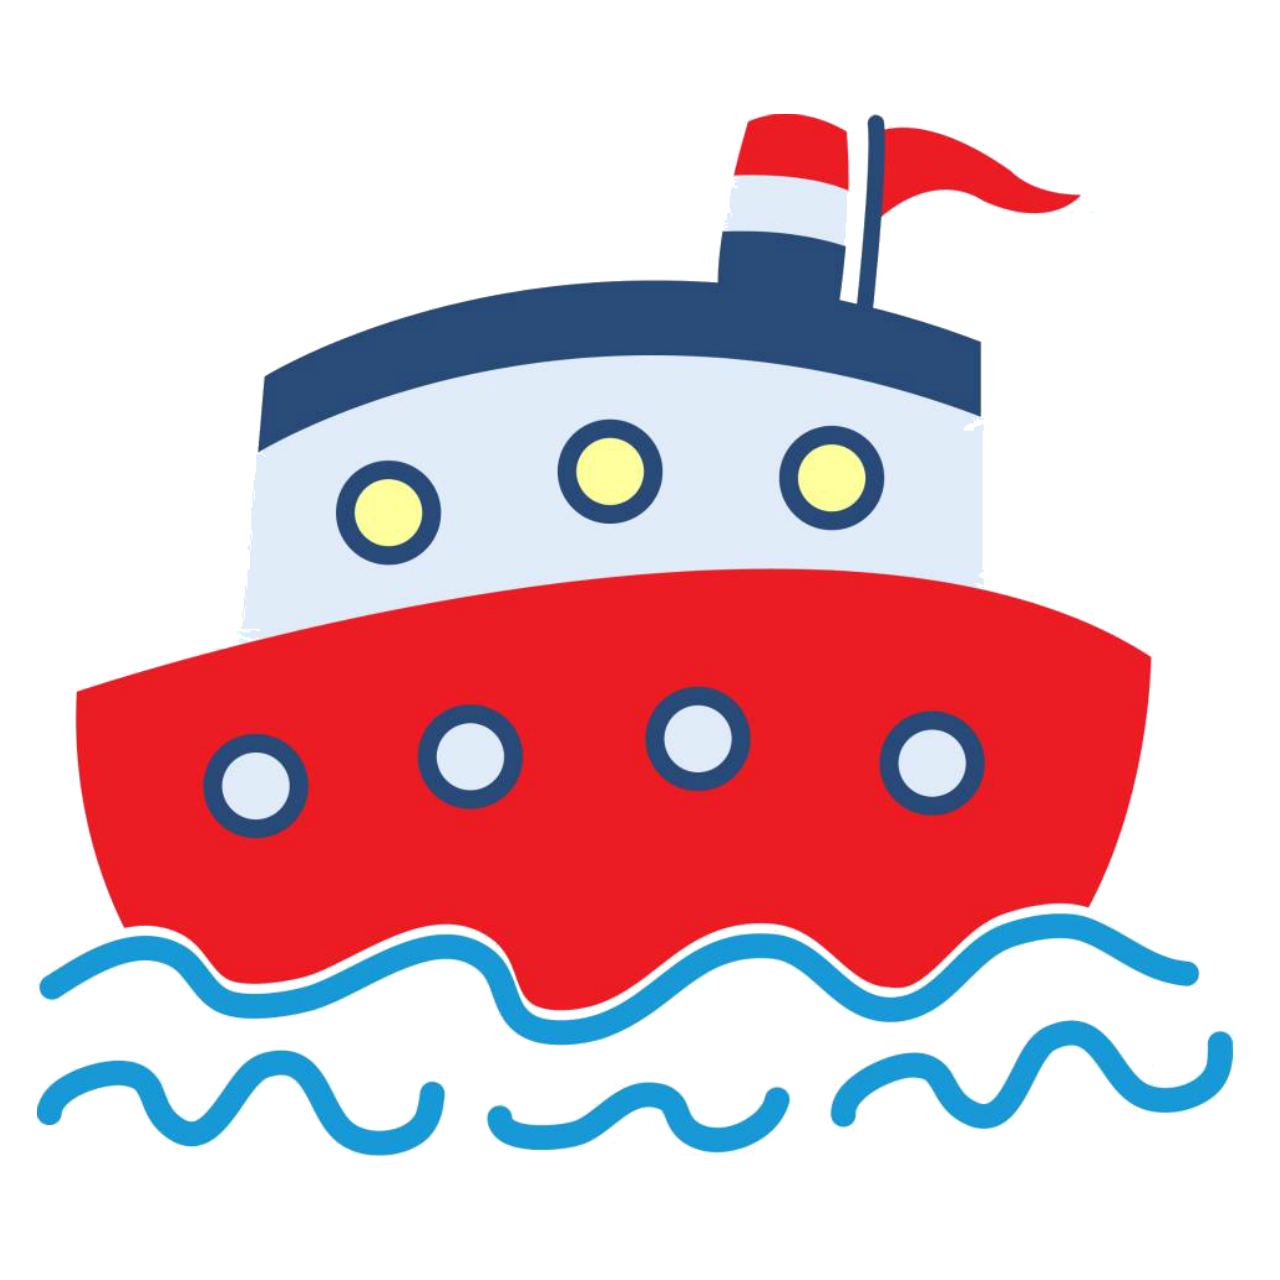 Sailor clipart marinero, Sailor marinero Transparent FREE.